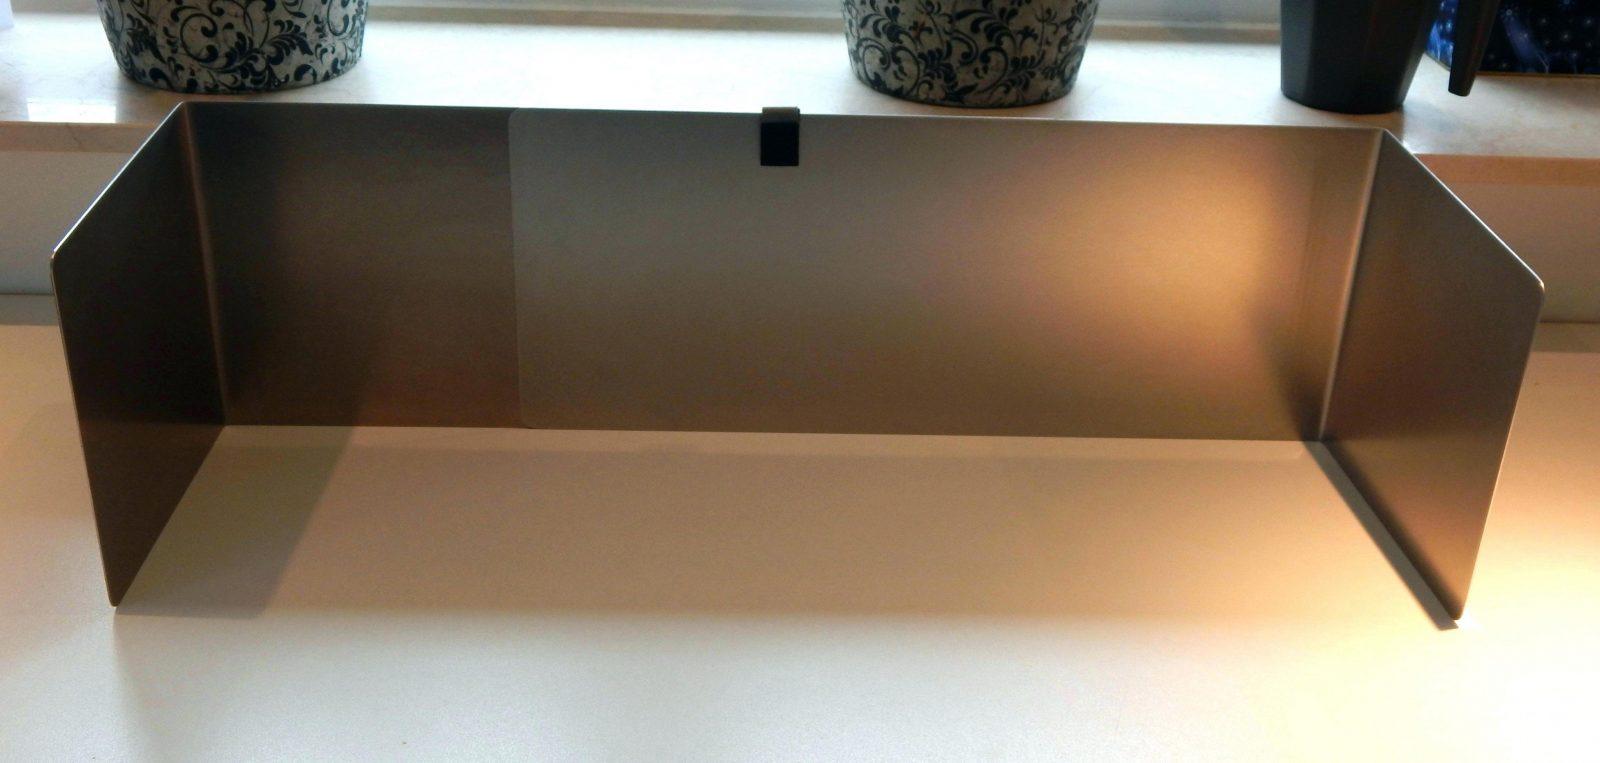 Kuchenruckwand Selber Machen Plexiglas Kuchenruckwand Glas